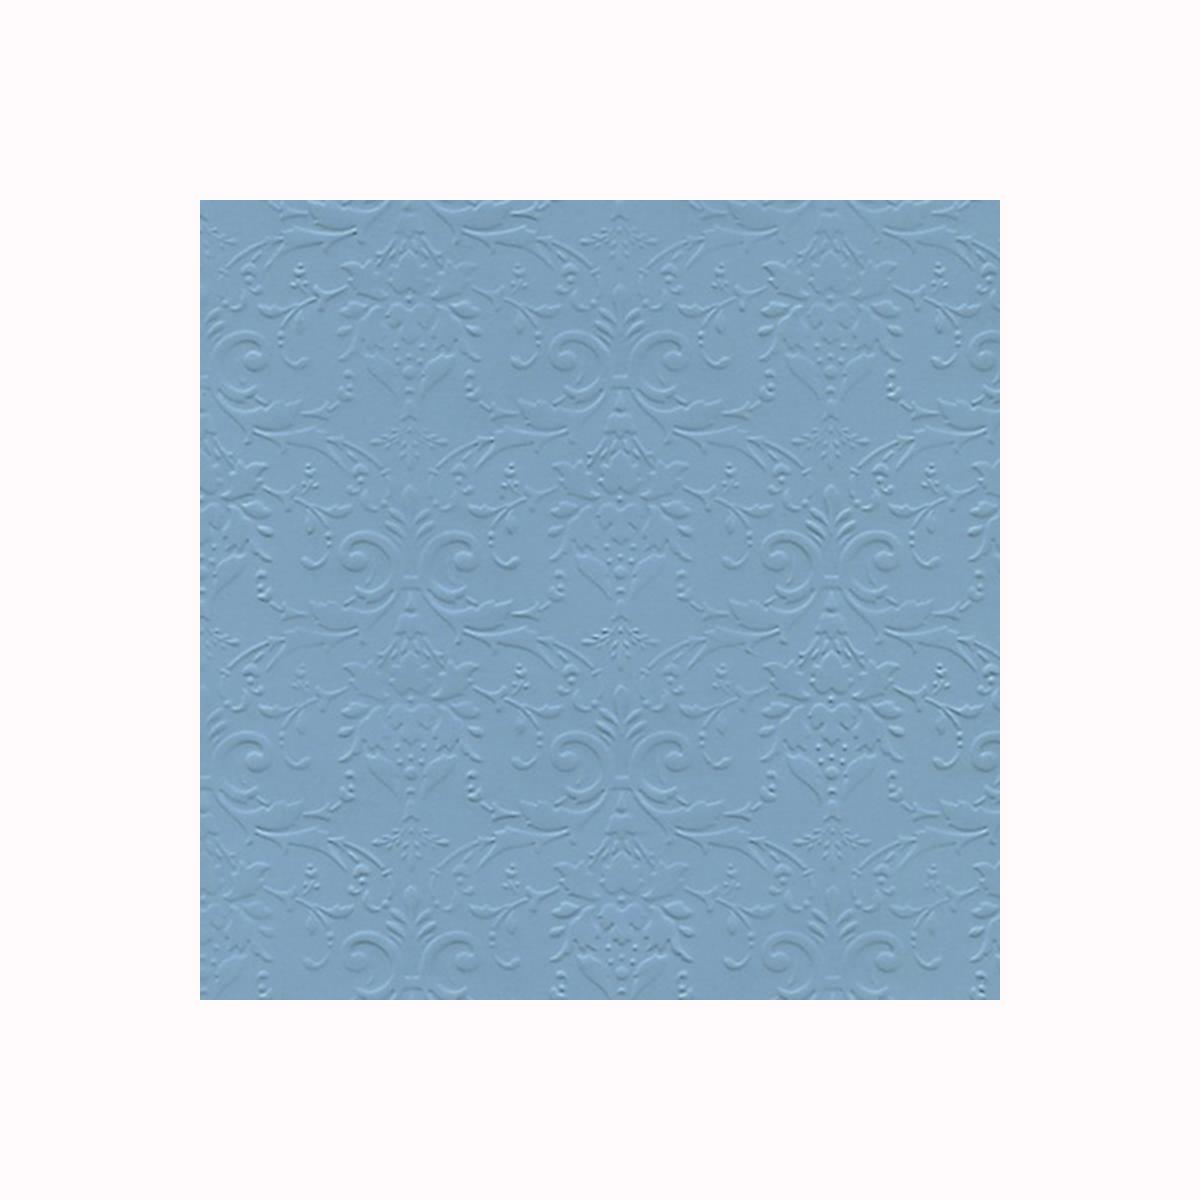 """Бумага фактурная Лоза """"Дамасский узор"""", цвет: ярко-голубой, 3 листа"""